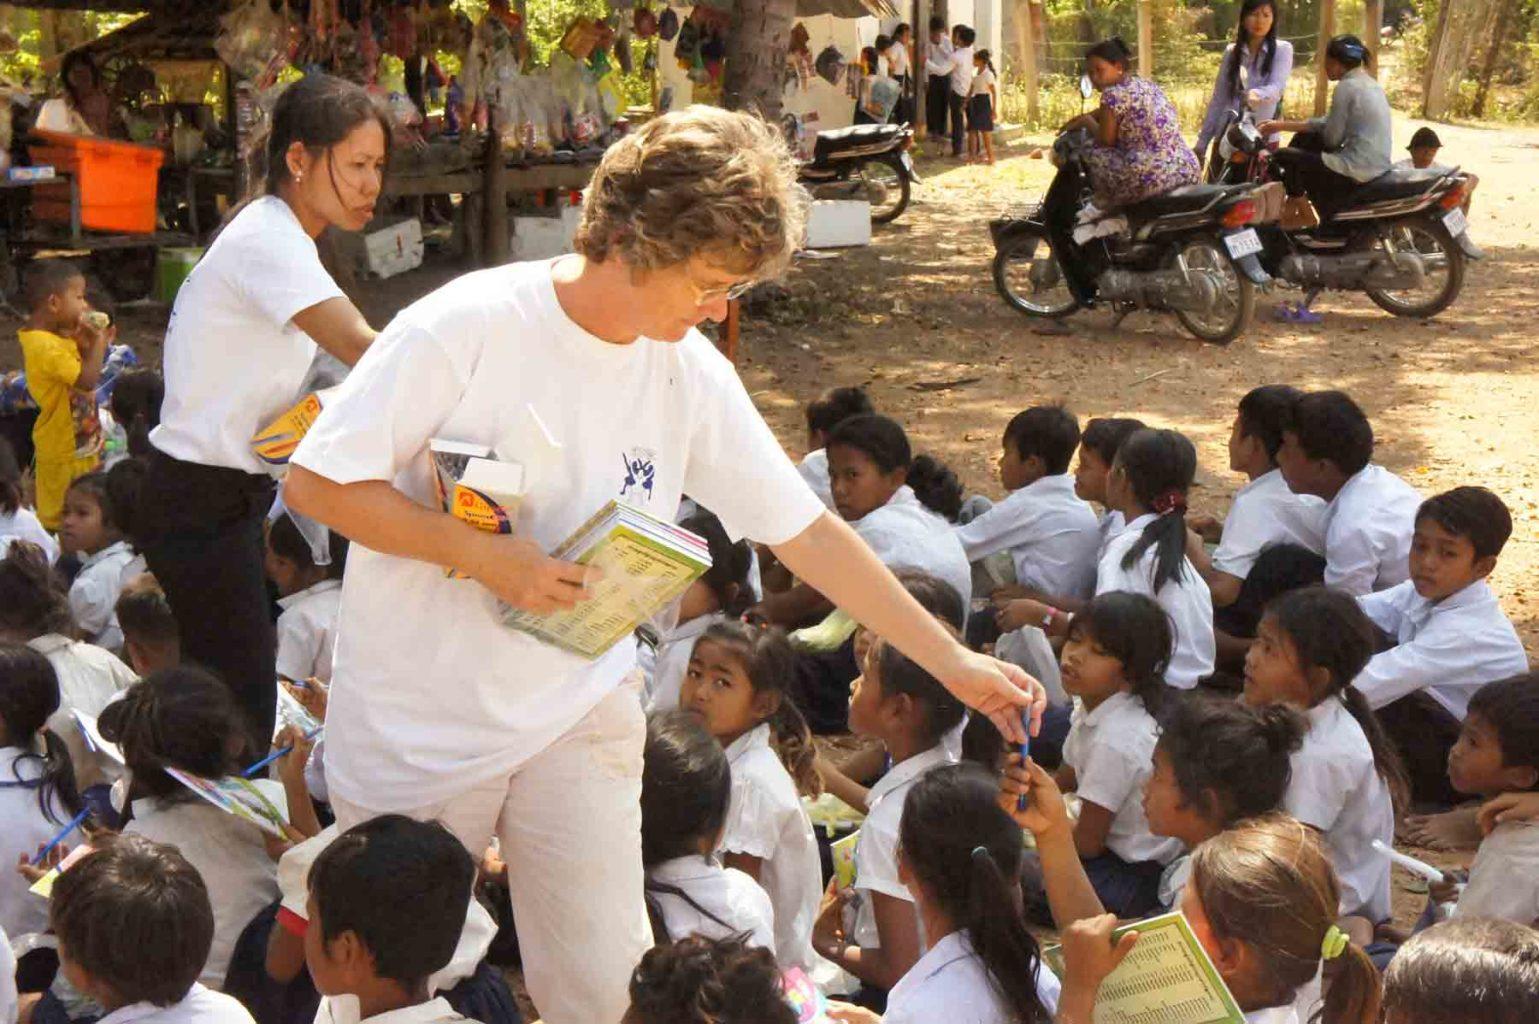 La neuchâteloise Nicole Reinhardt distribue du matériel scolaire à des enfants dans une école